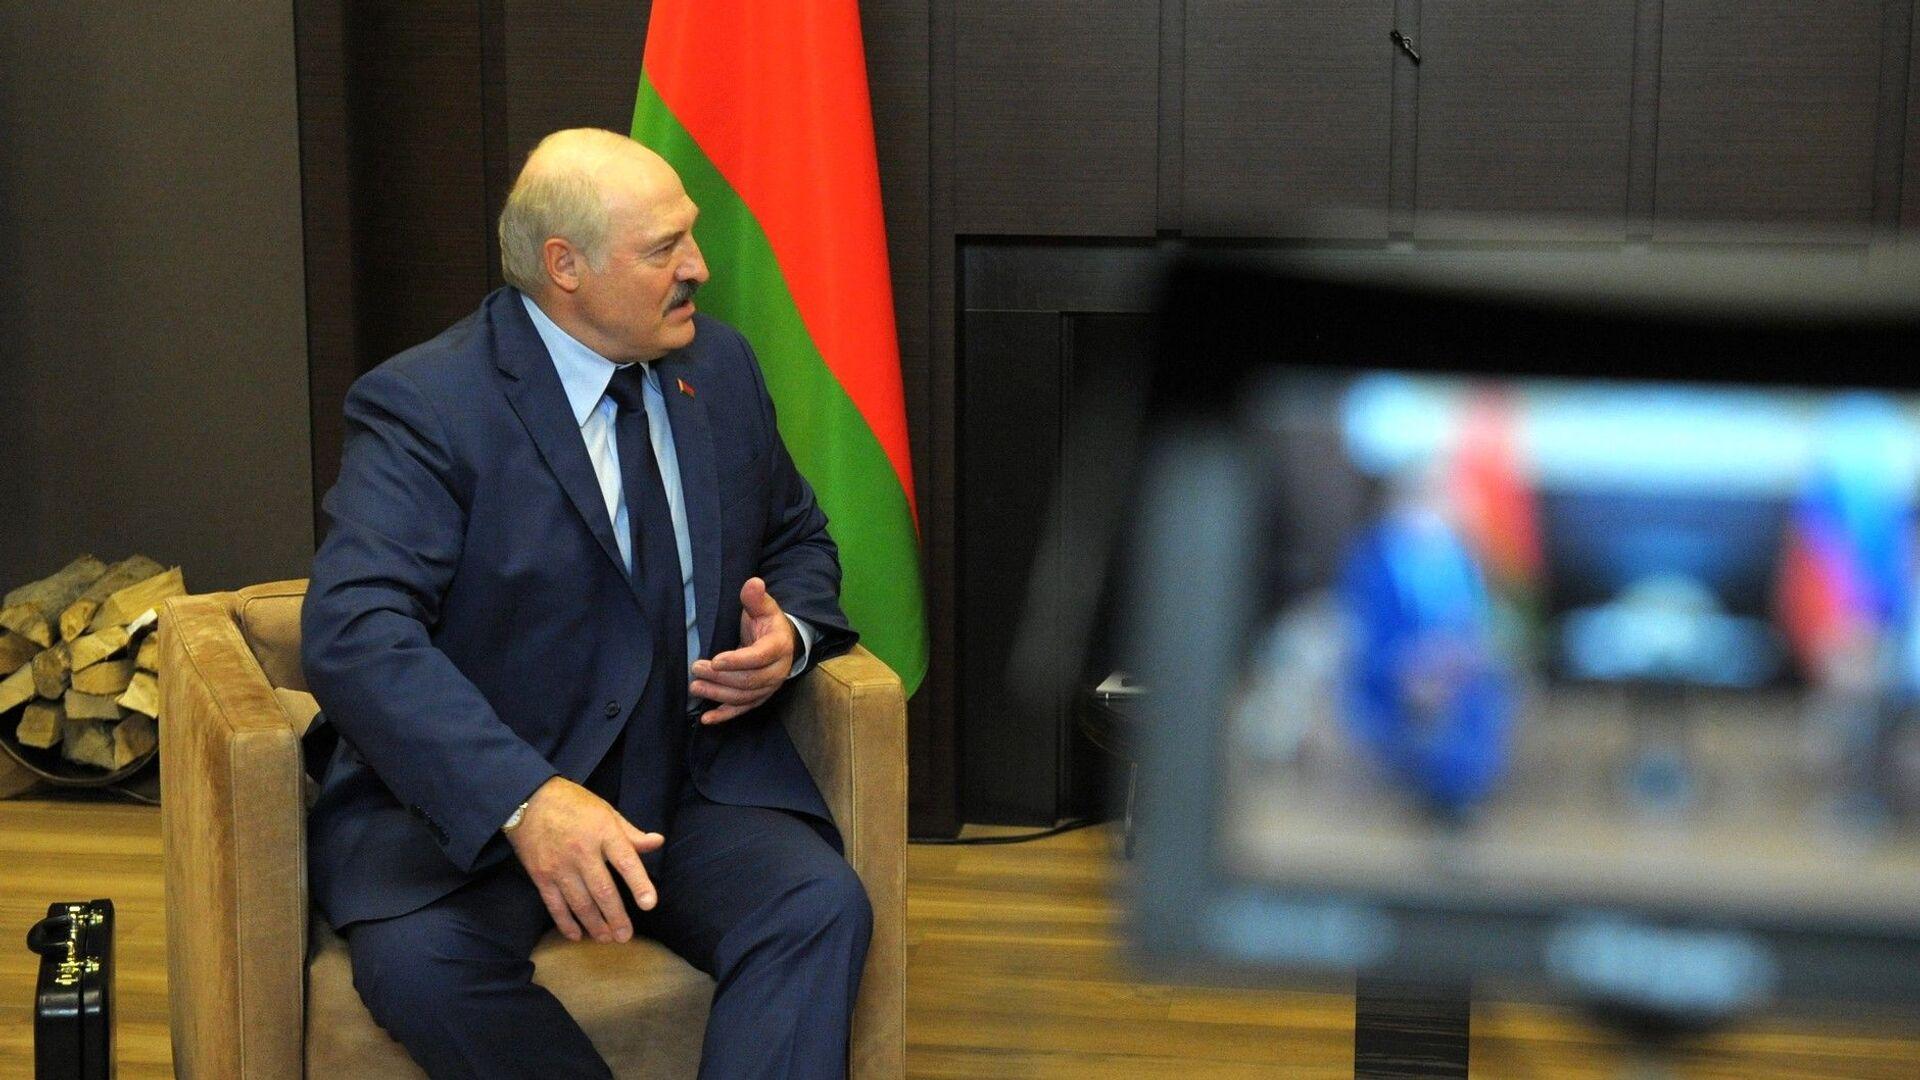 Predsednik Belorusije Aleksandra Lukašenko na sastanku sa Vladimirom Putinom u Sočiju - Sputnik Srbija, 1920, 12.09.2021